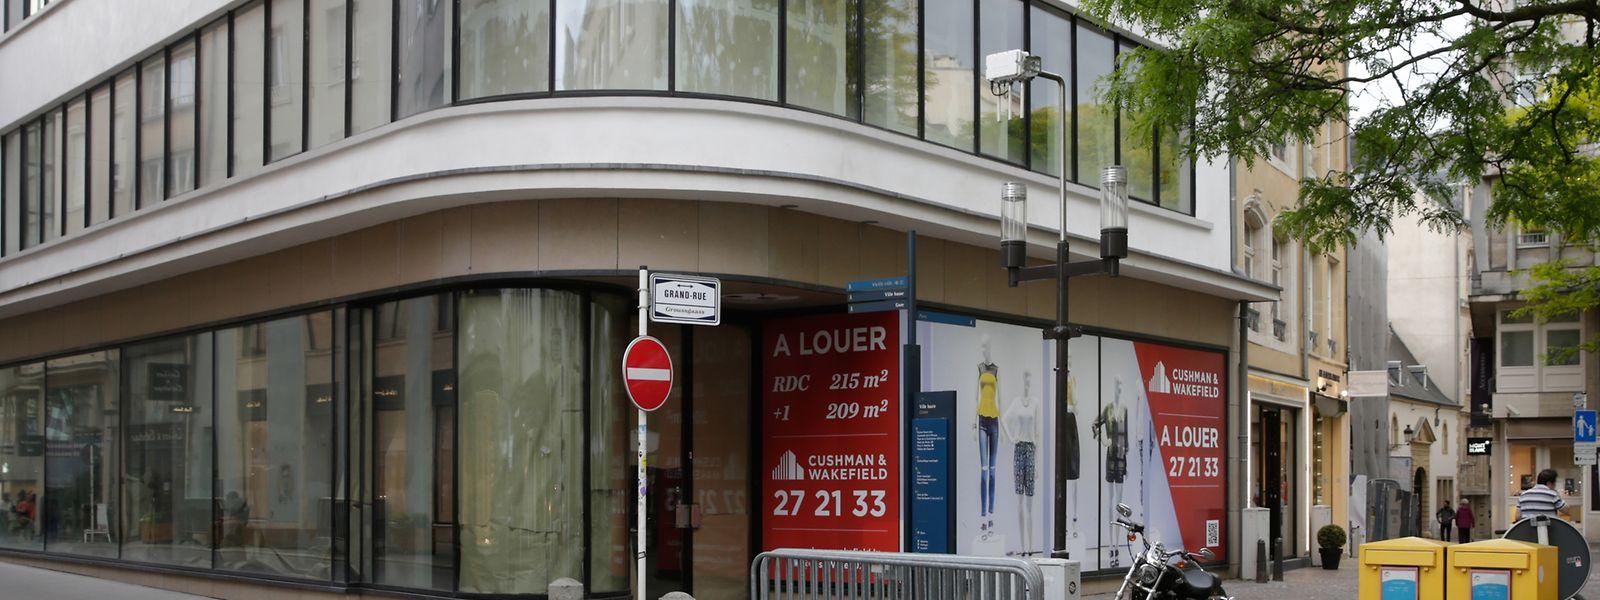 Seit vielen Monaten verlassen: Das einstige Bourse-Gebäude an der Ecke Grand-rue/Rue du Fossé.